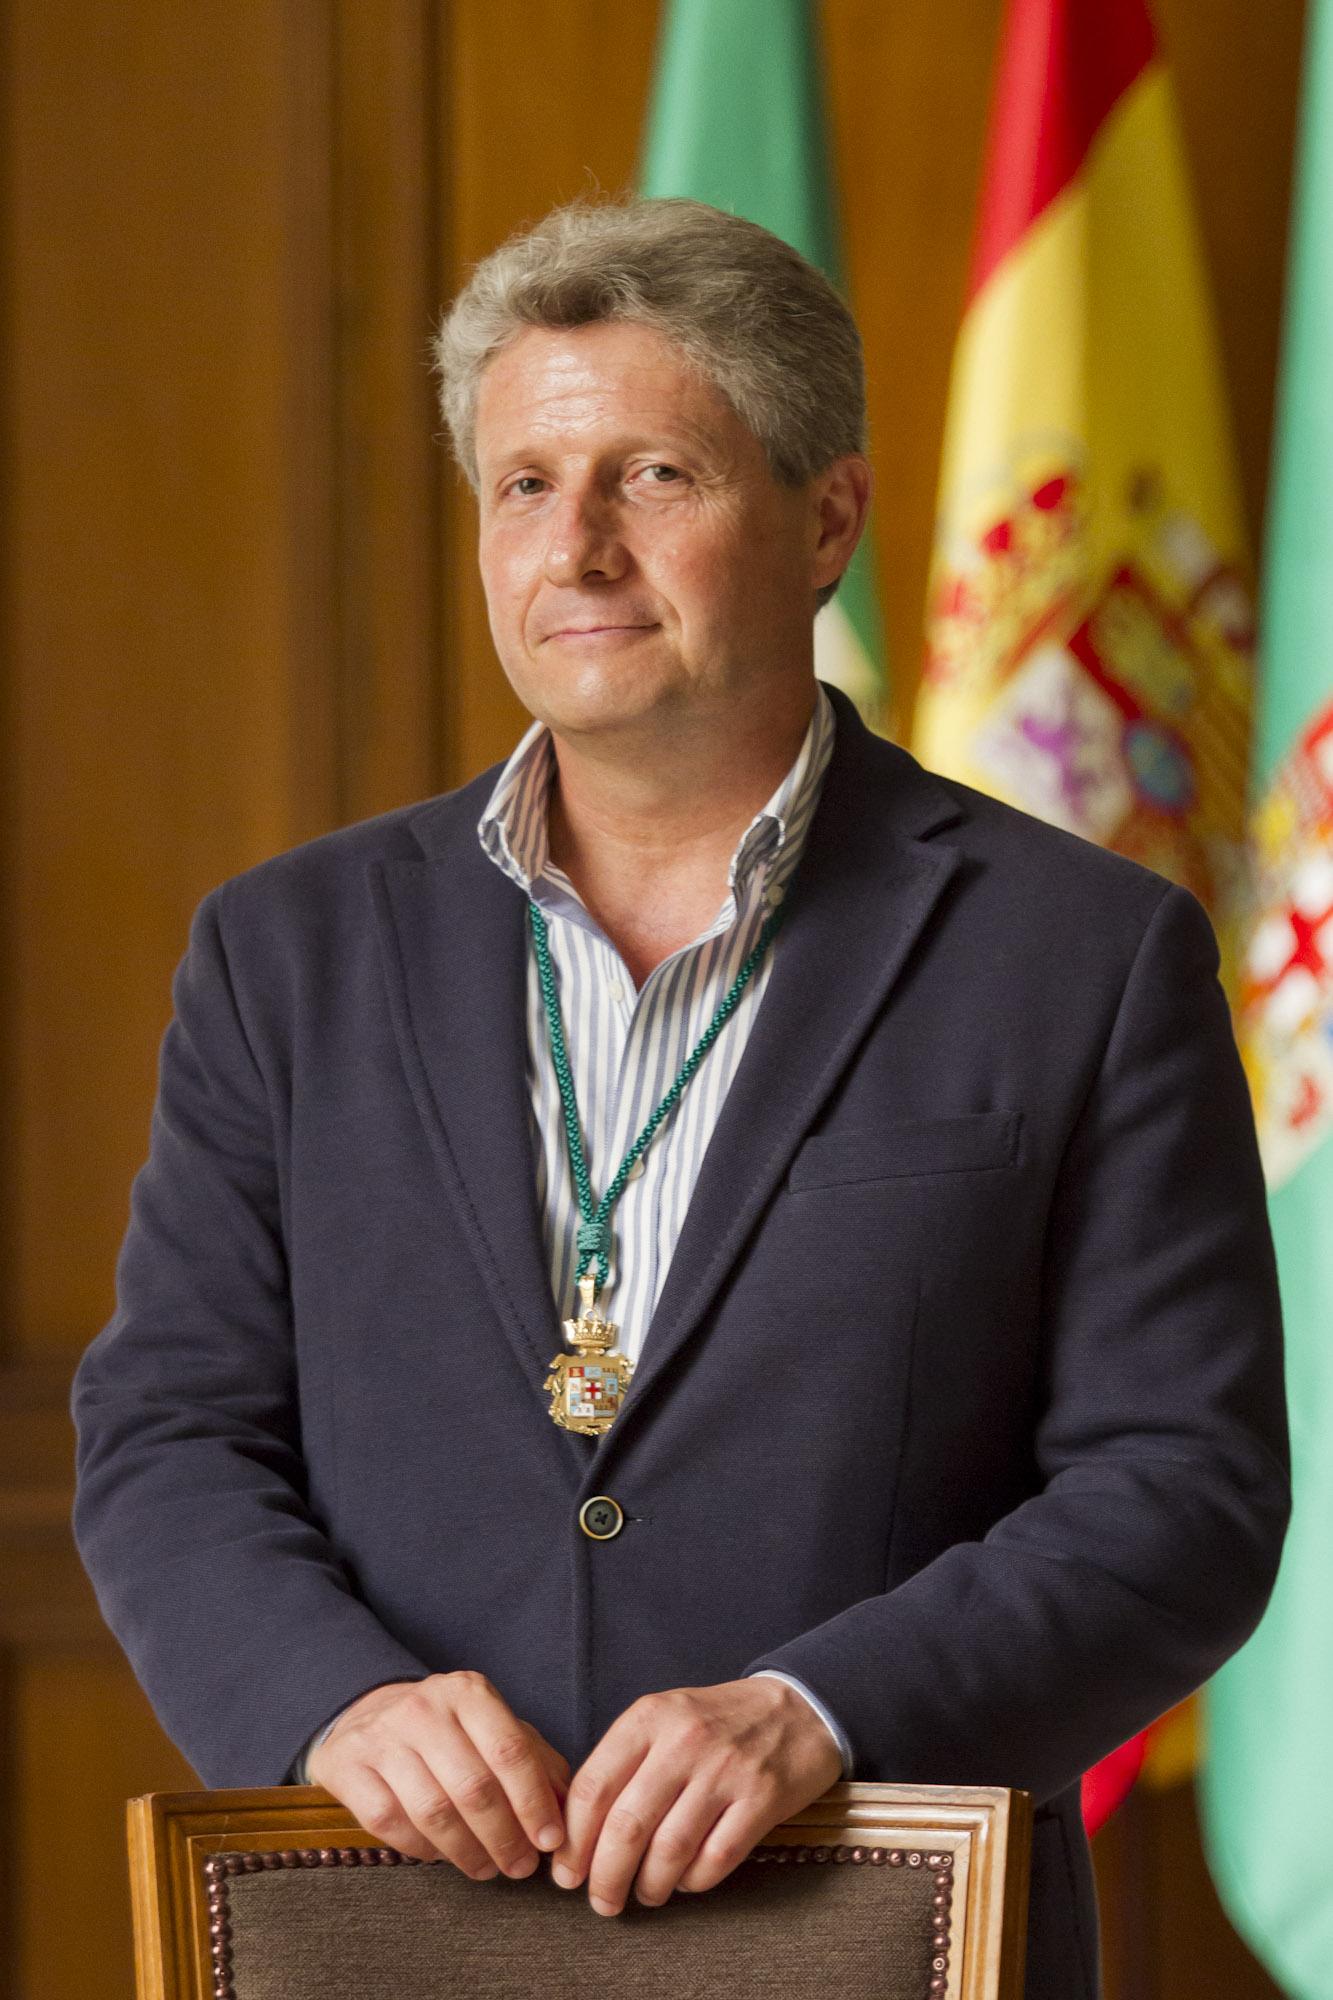 Roberto Jesús Baca Martín